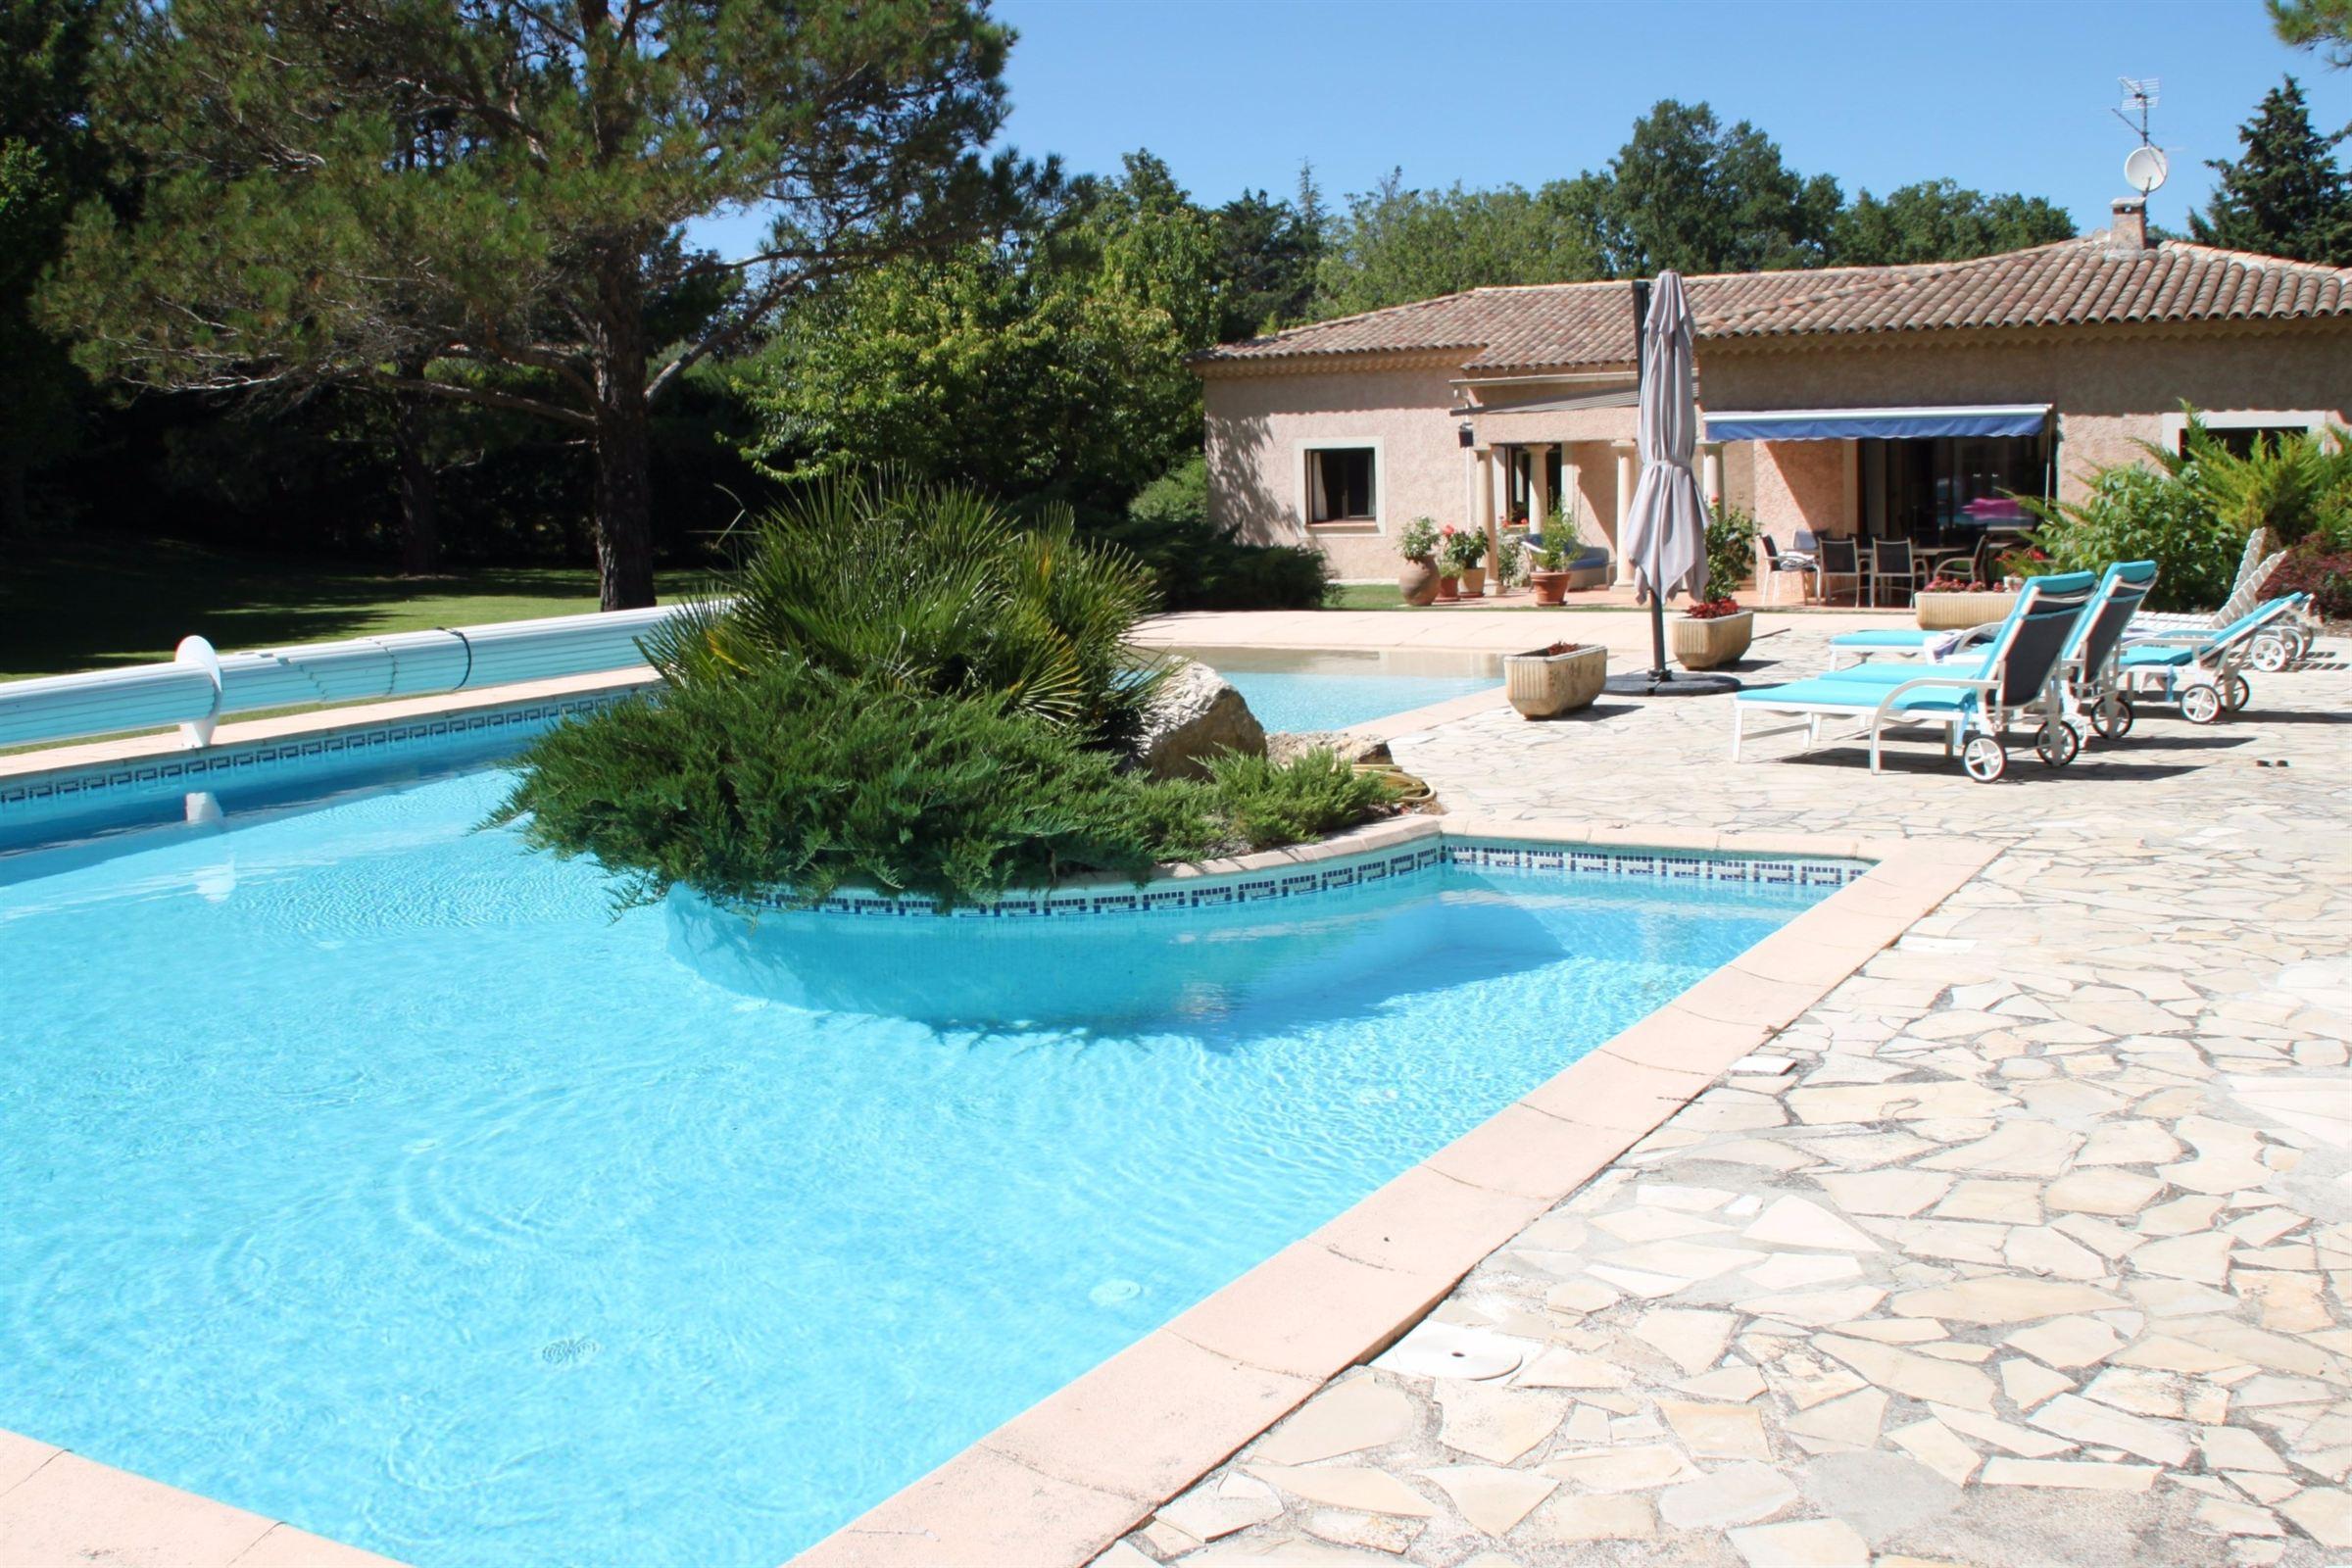 Частный односемейный дом для того Продажа на AIX EN PROVENCE Other Provence-Alpes-Cote D'Azur, Прованс-Альпы-Лазурный Берег, 13090 Франция